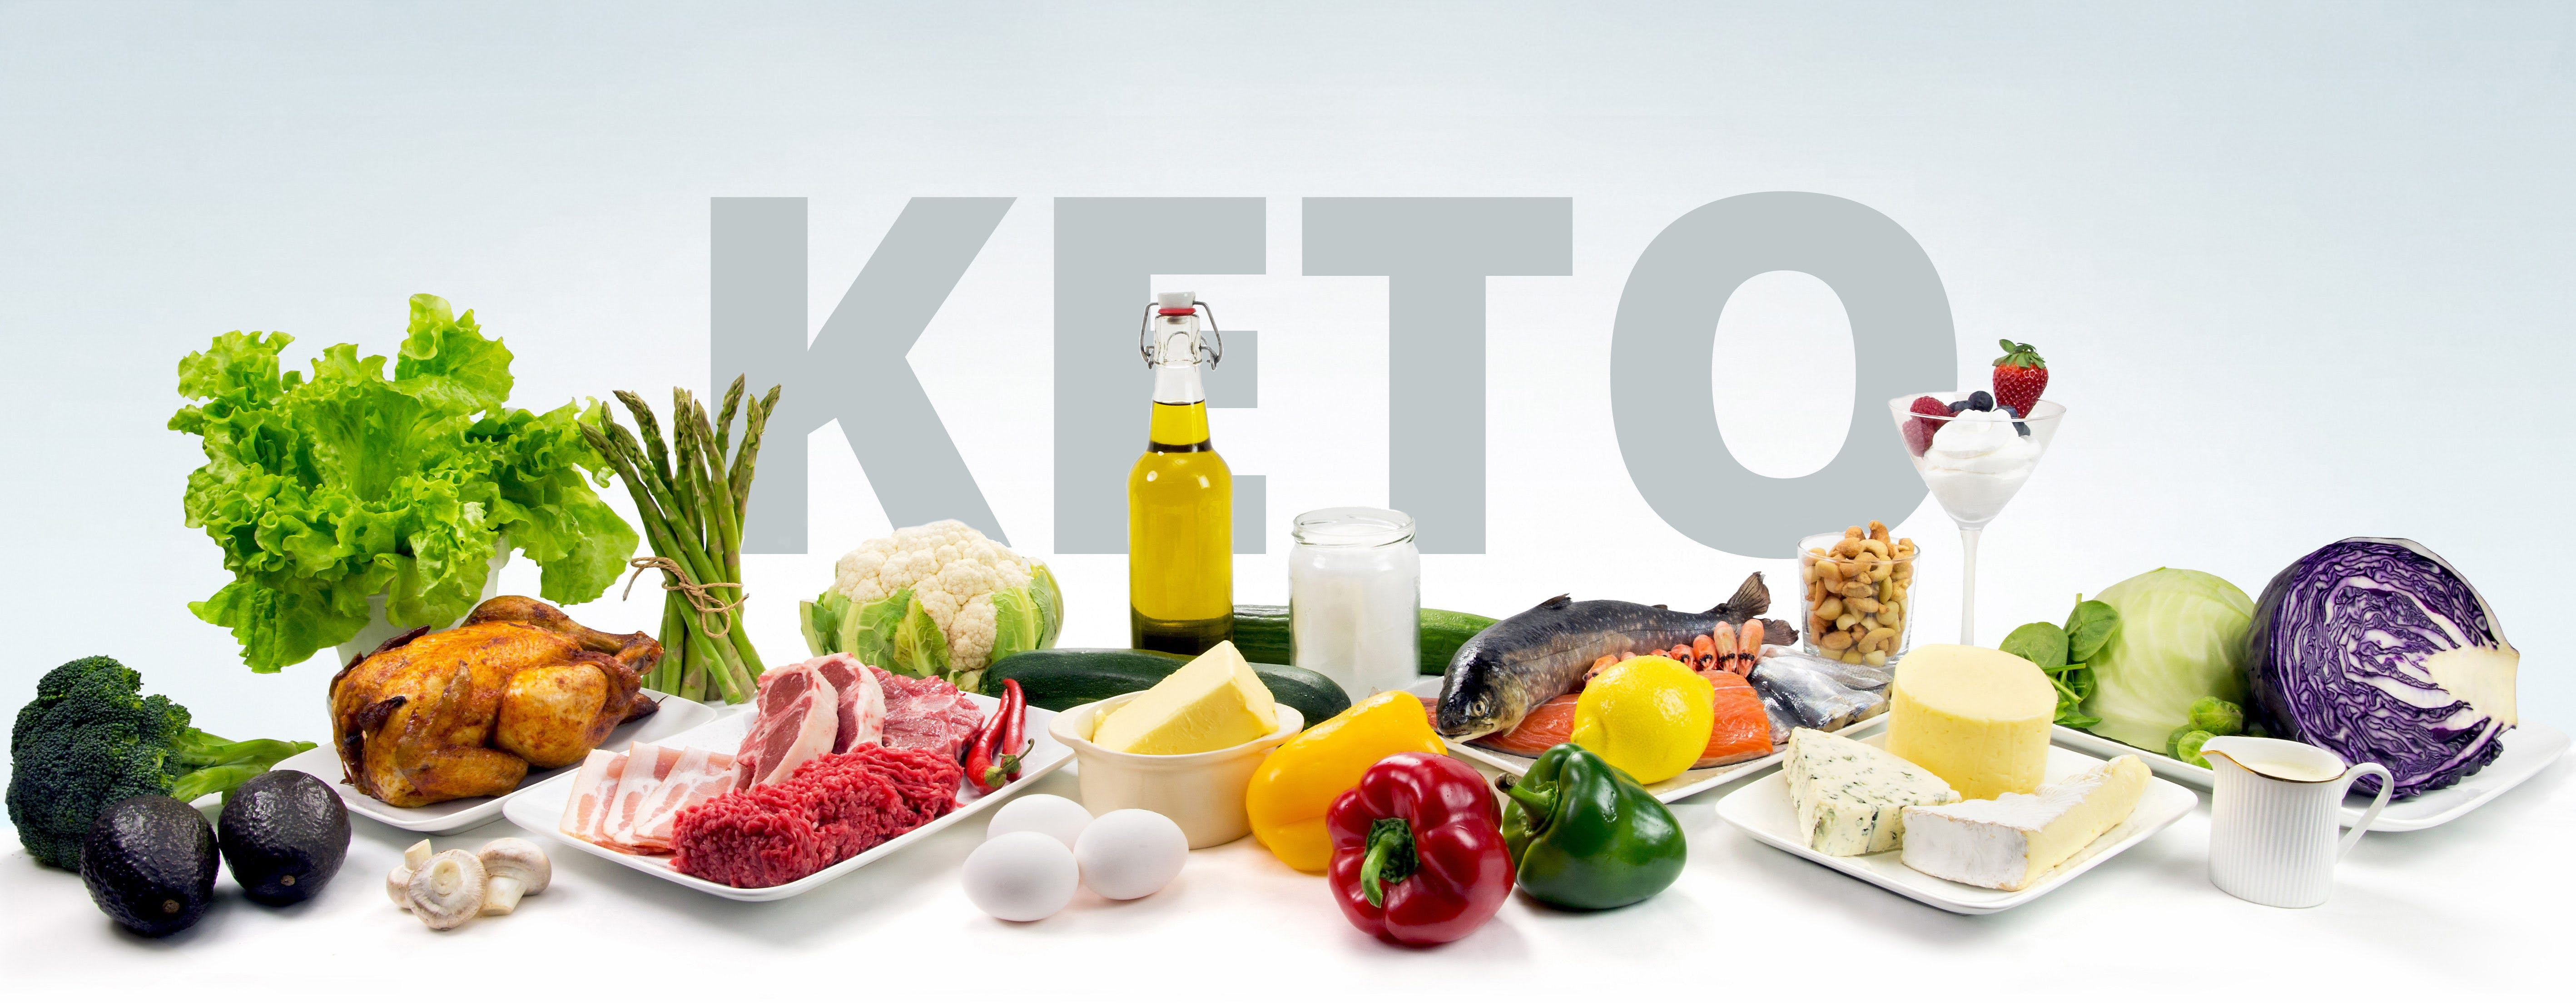 Vad är ketogen kost och andra vanliga frågor